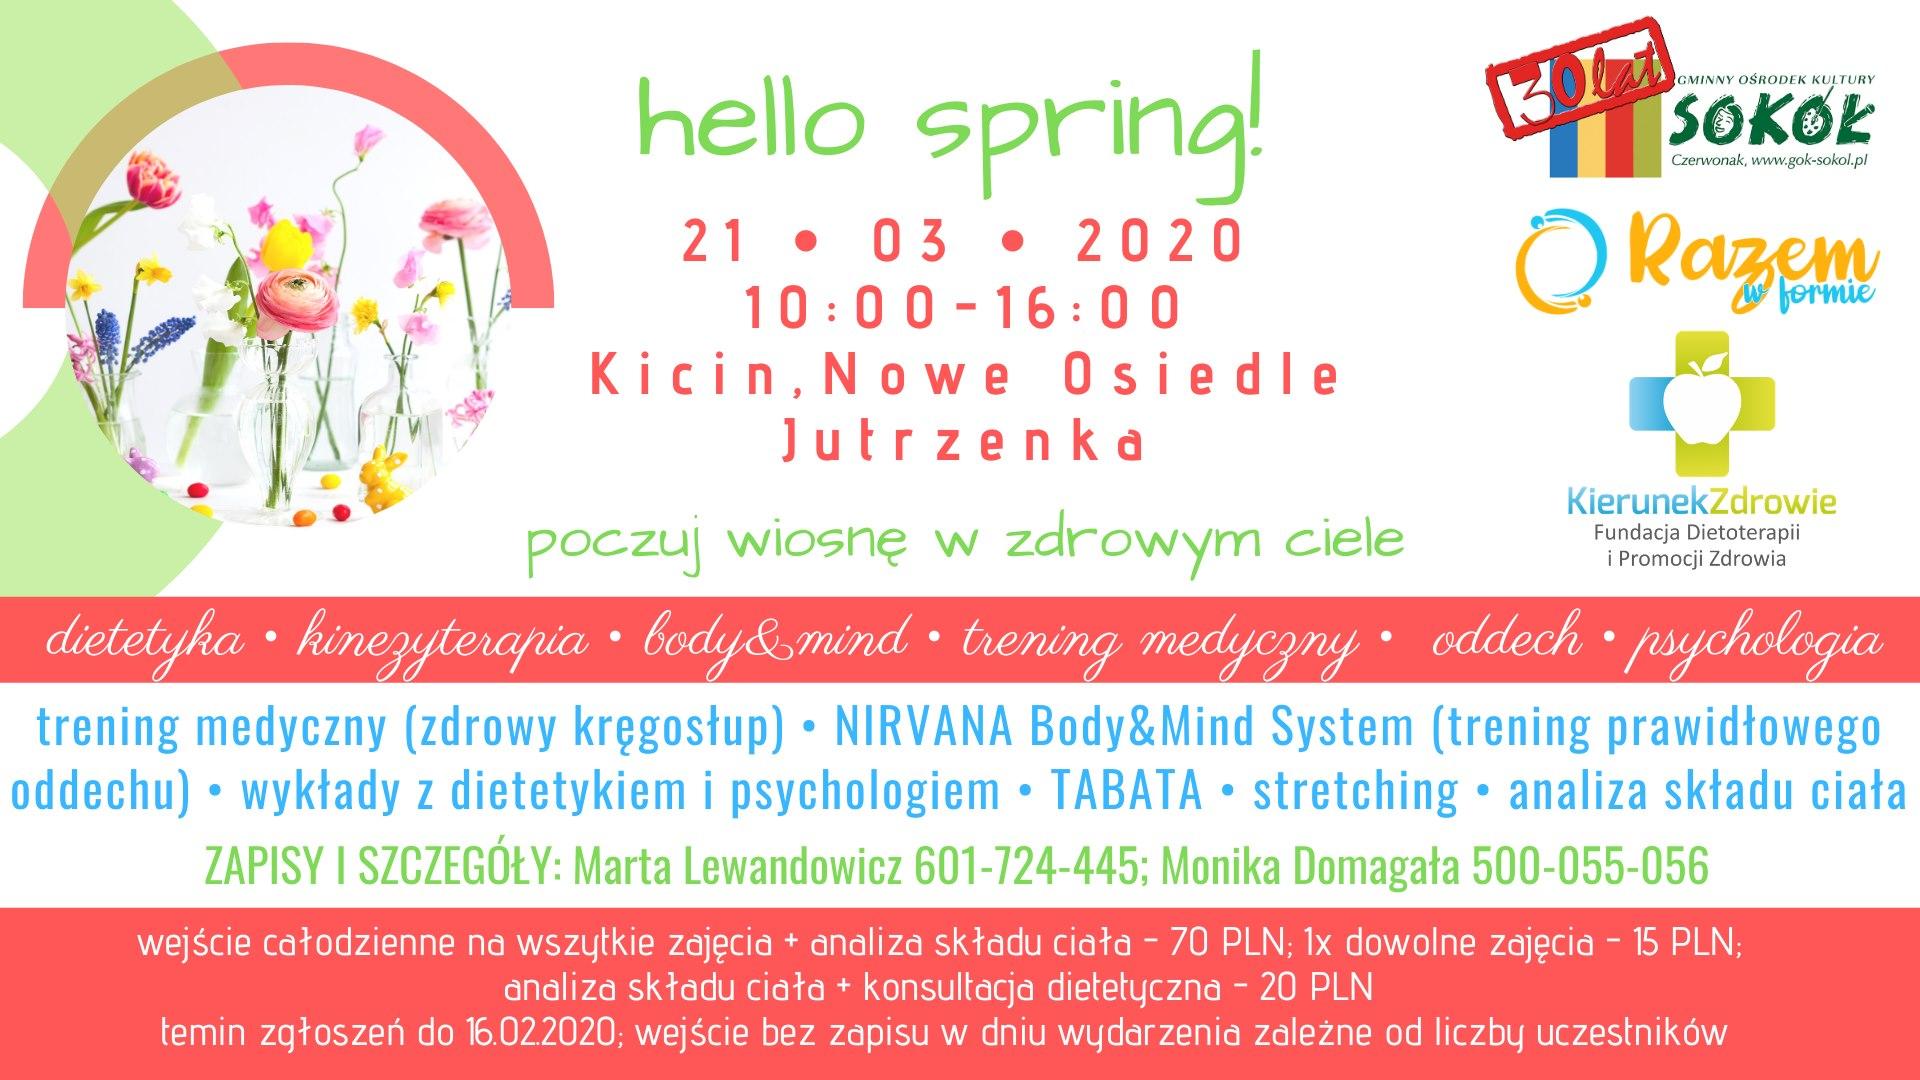 Hello spring - poczuj wiosnę w zdrowym ciele